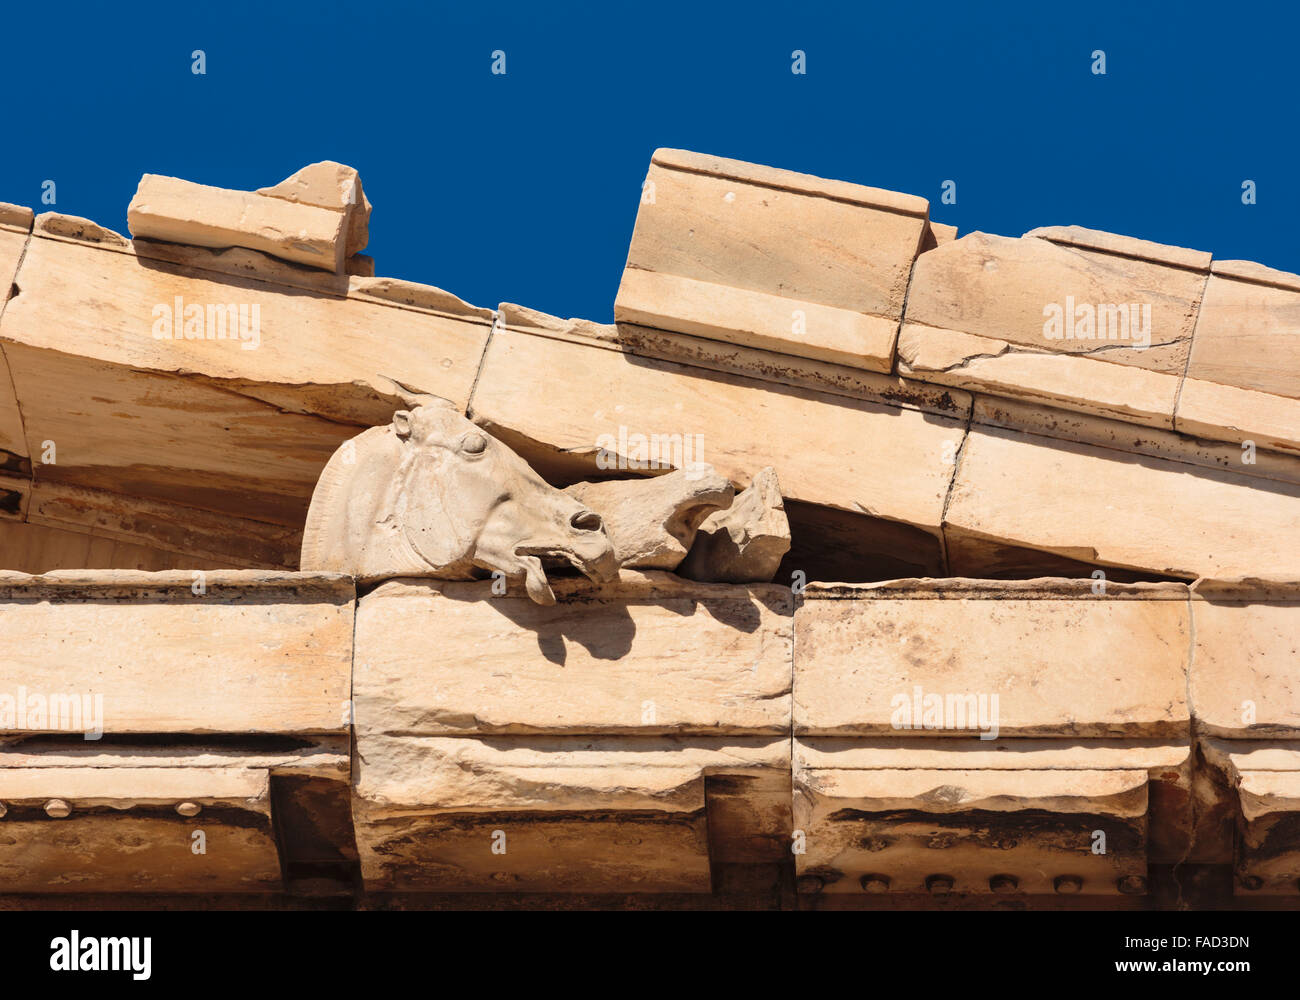 Atenas, Attica, Grecia. Frontón oriental del Partenón que muestra esculturas de sobreviviente. Foto de stock